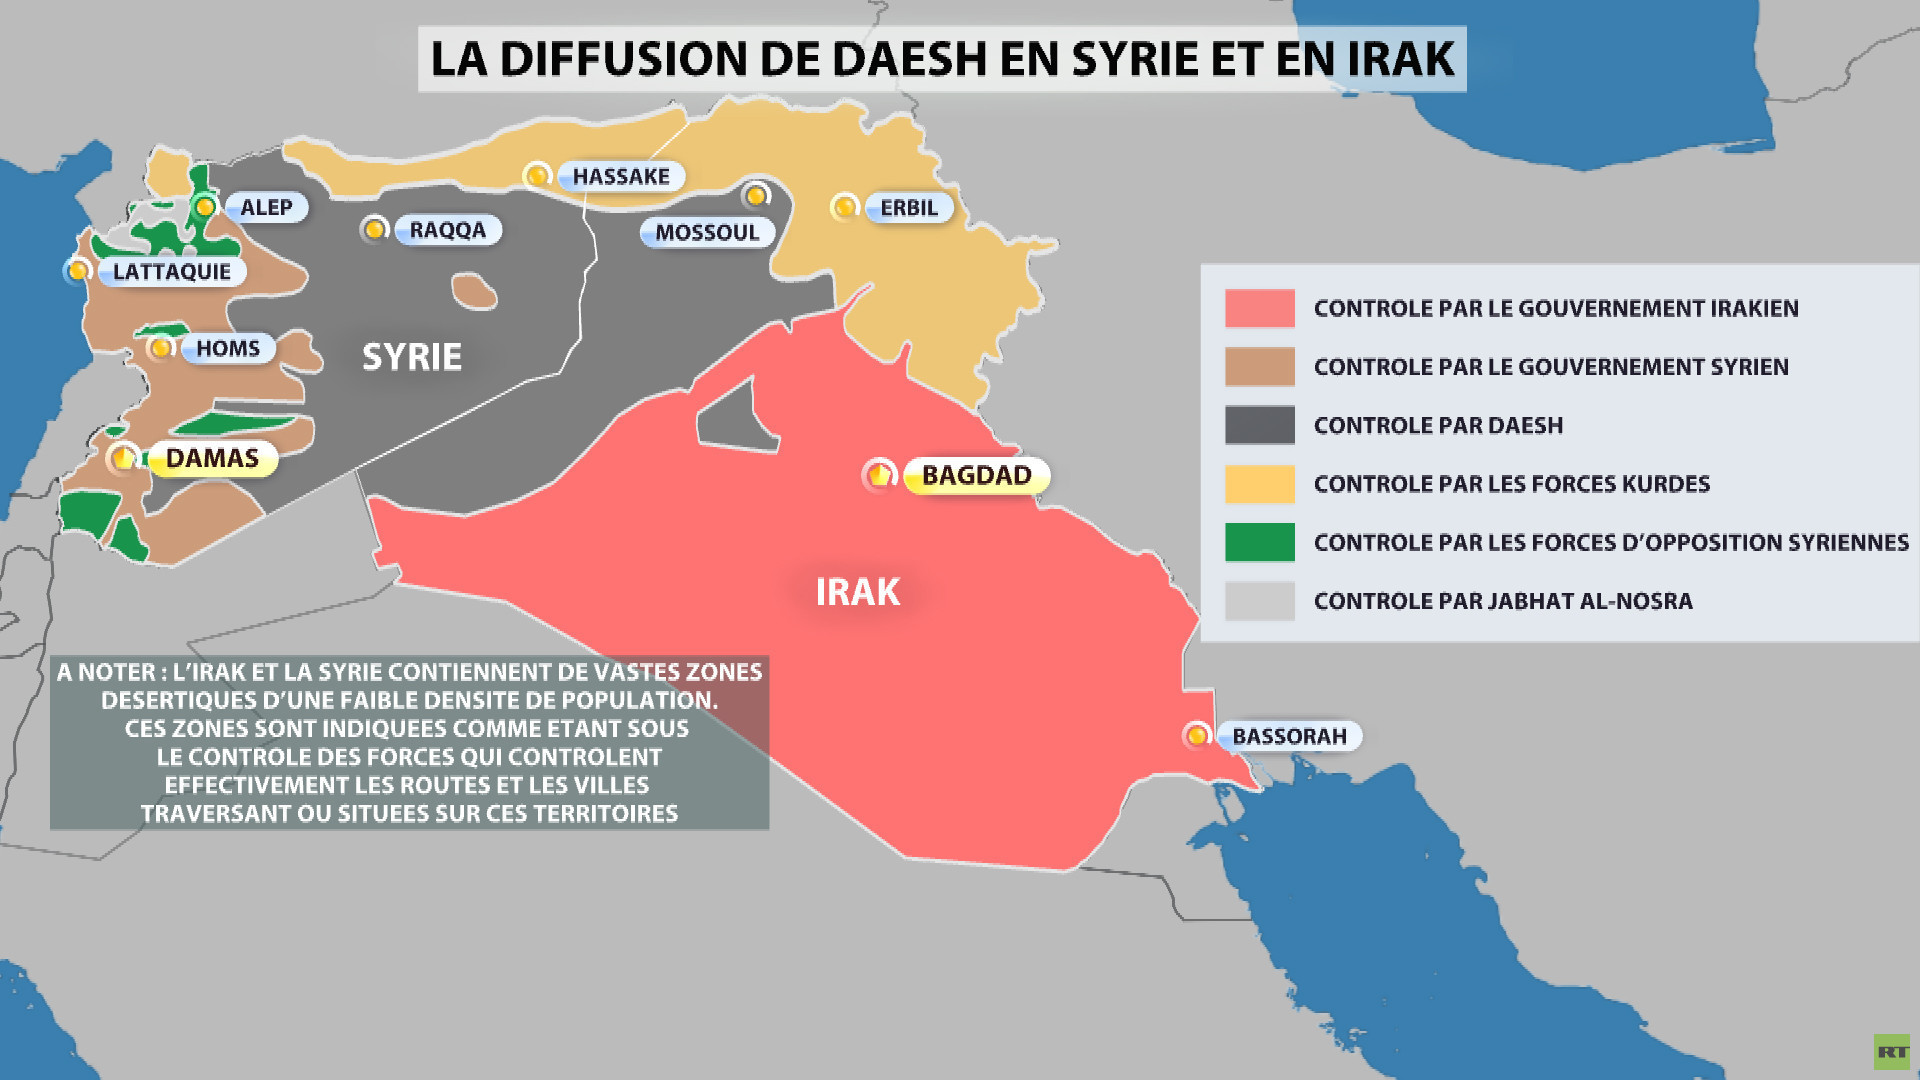 Vladimir Poutine : Le seul moyen de sortir du conflit syrien est de soutenir le président Assad